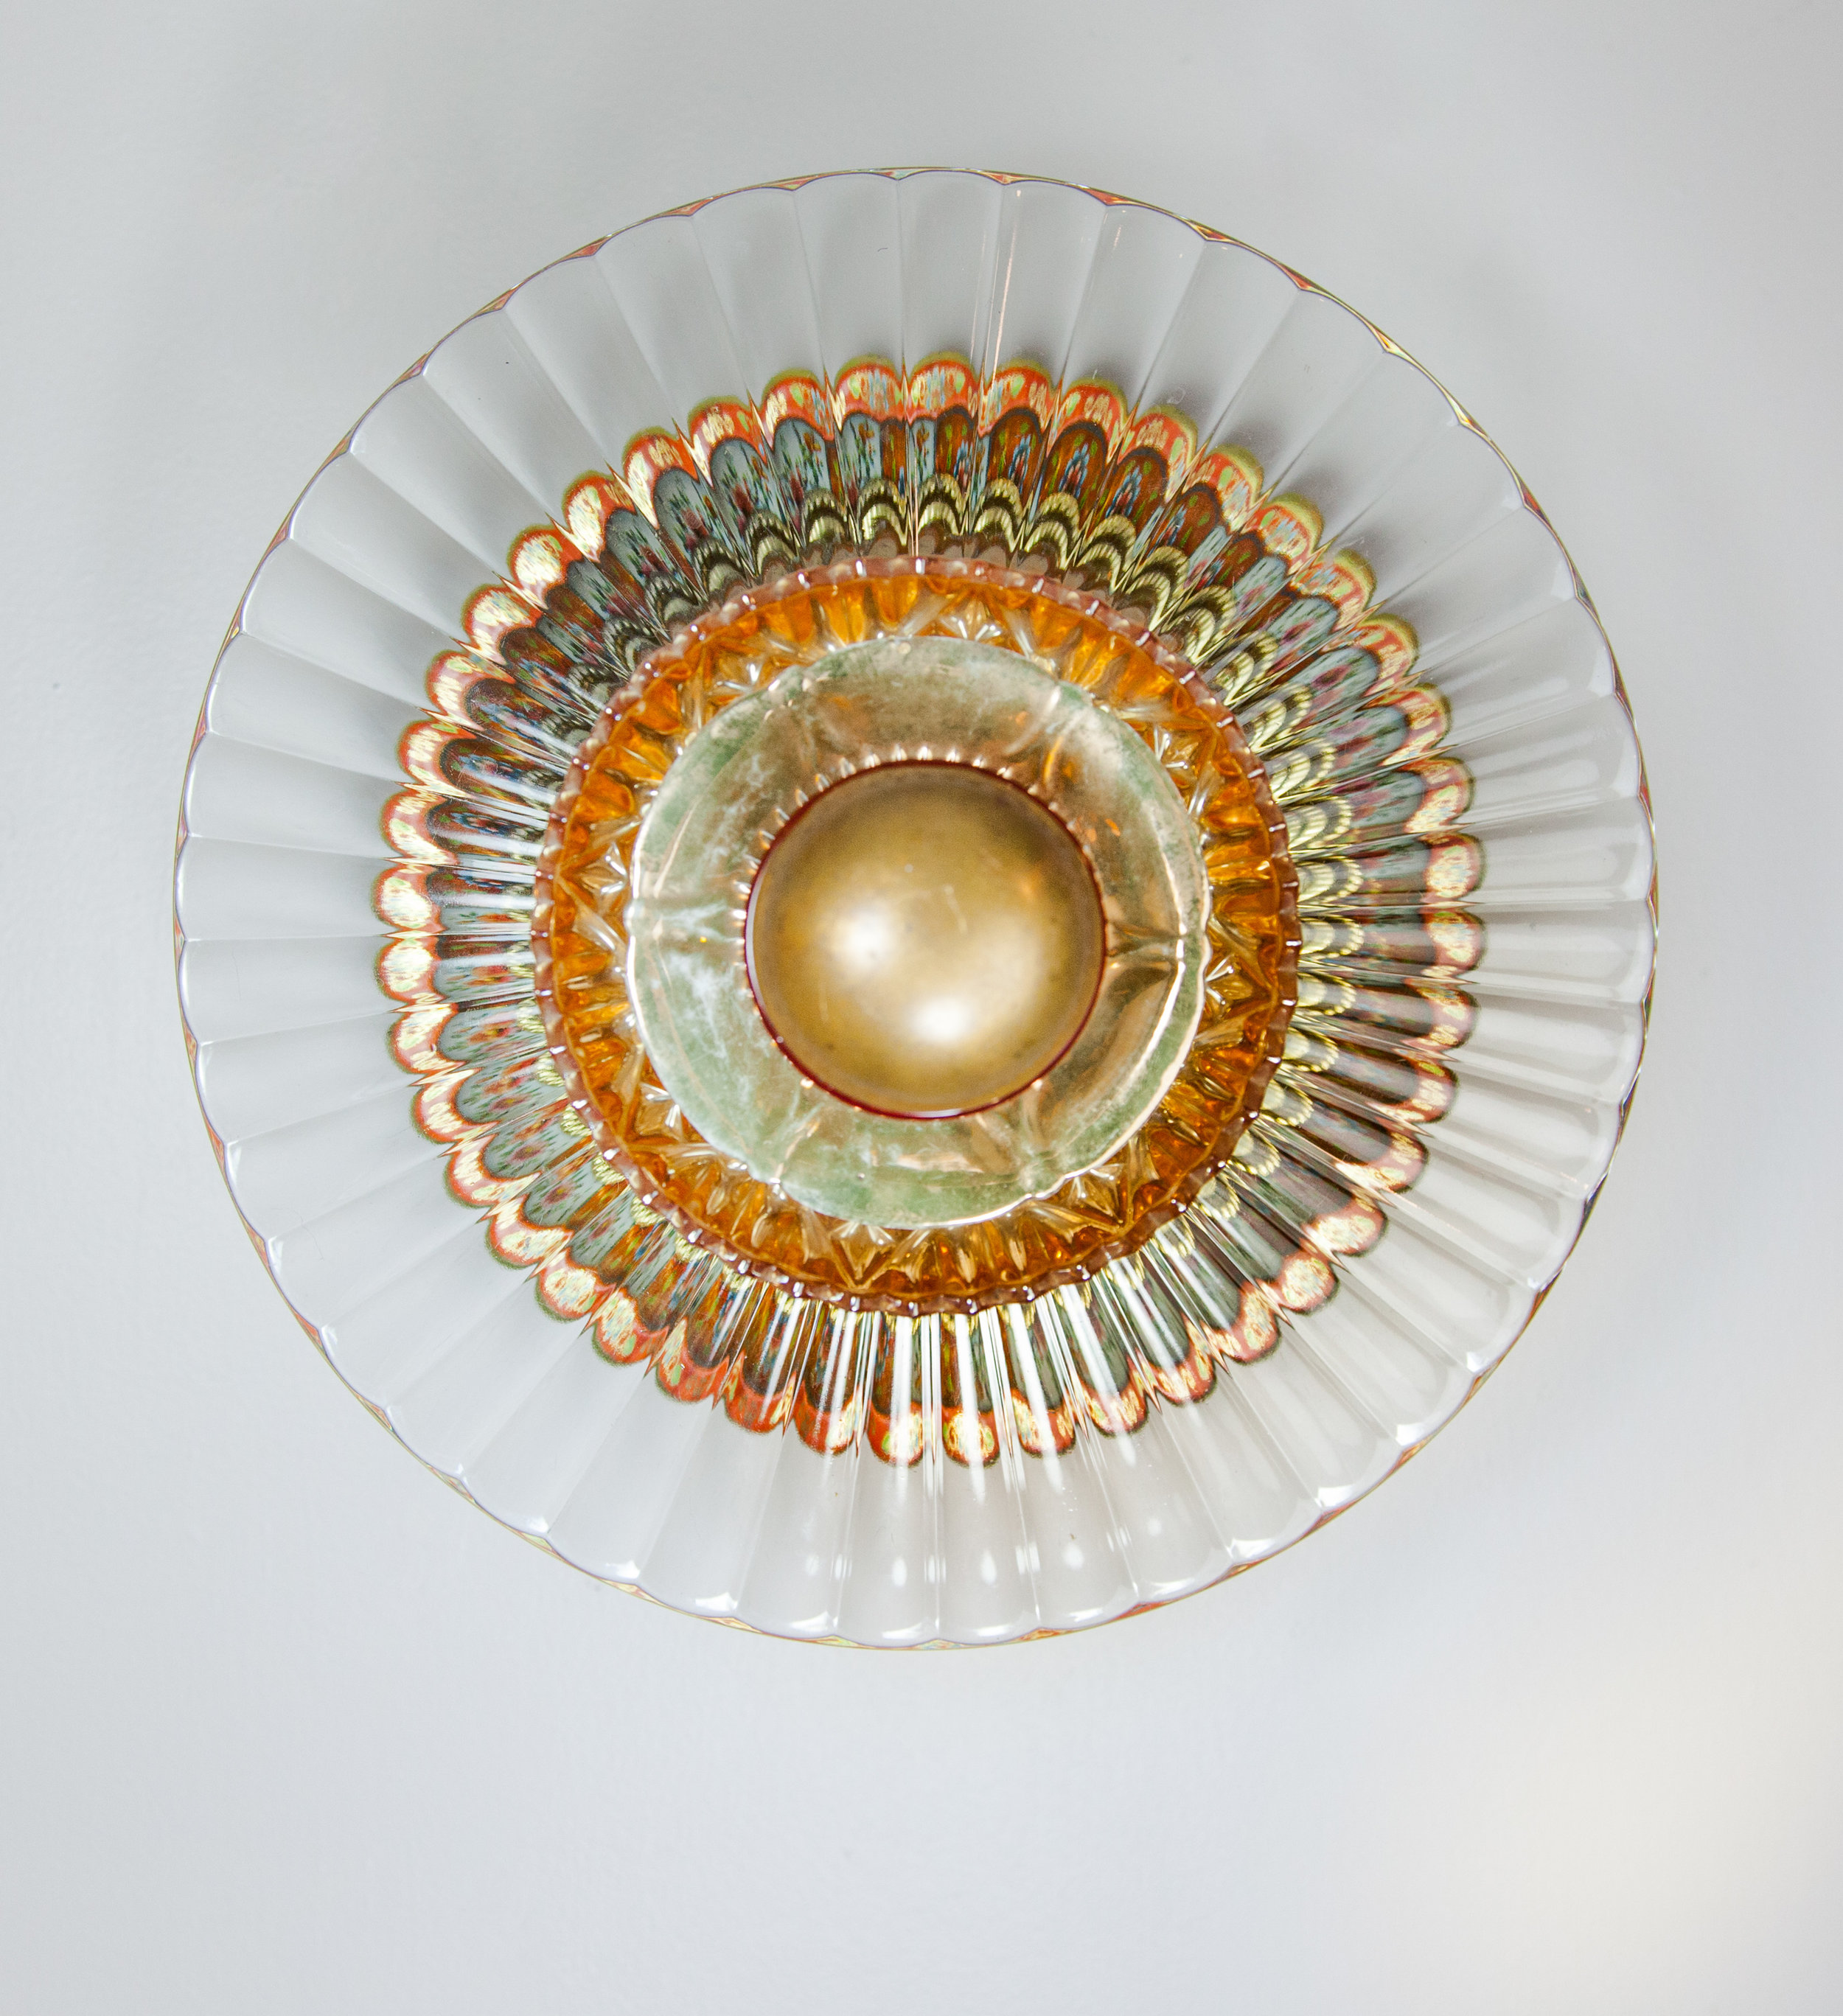 Occhi, 2017 domestic objects, doorknob, steel, 12 x 12 x 11 1/4 inches